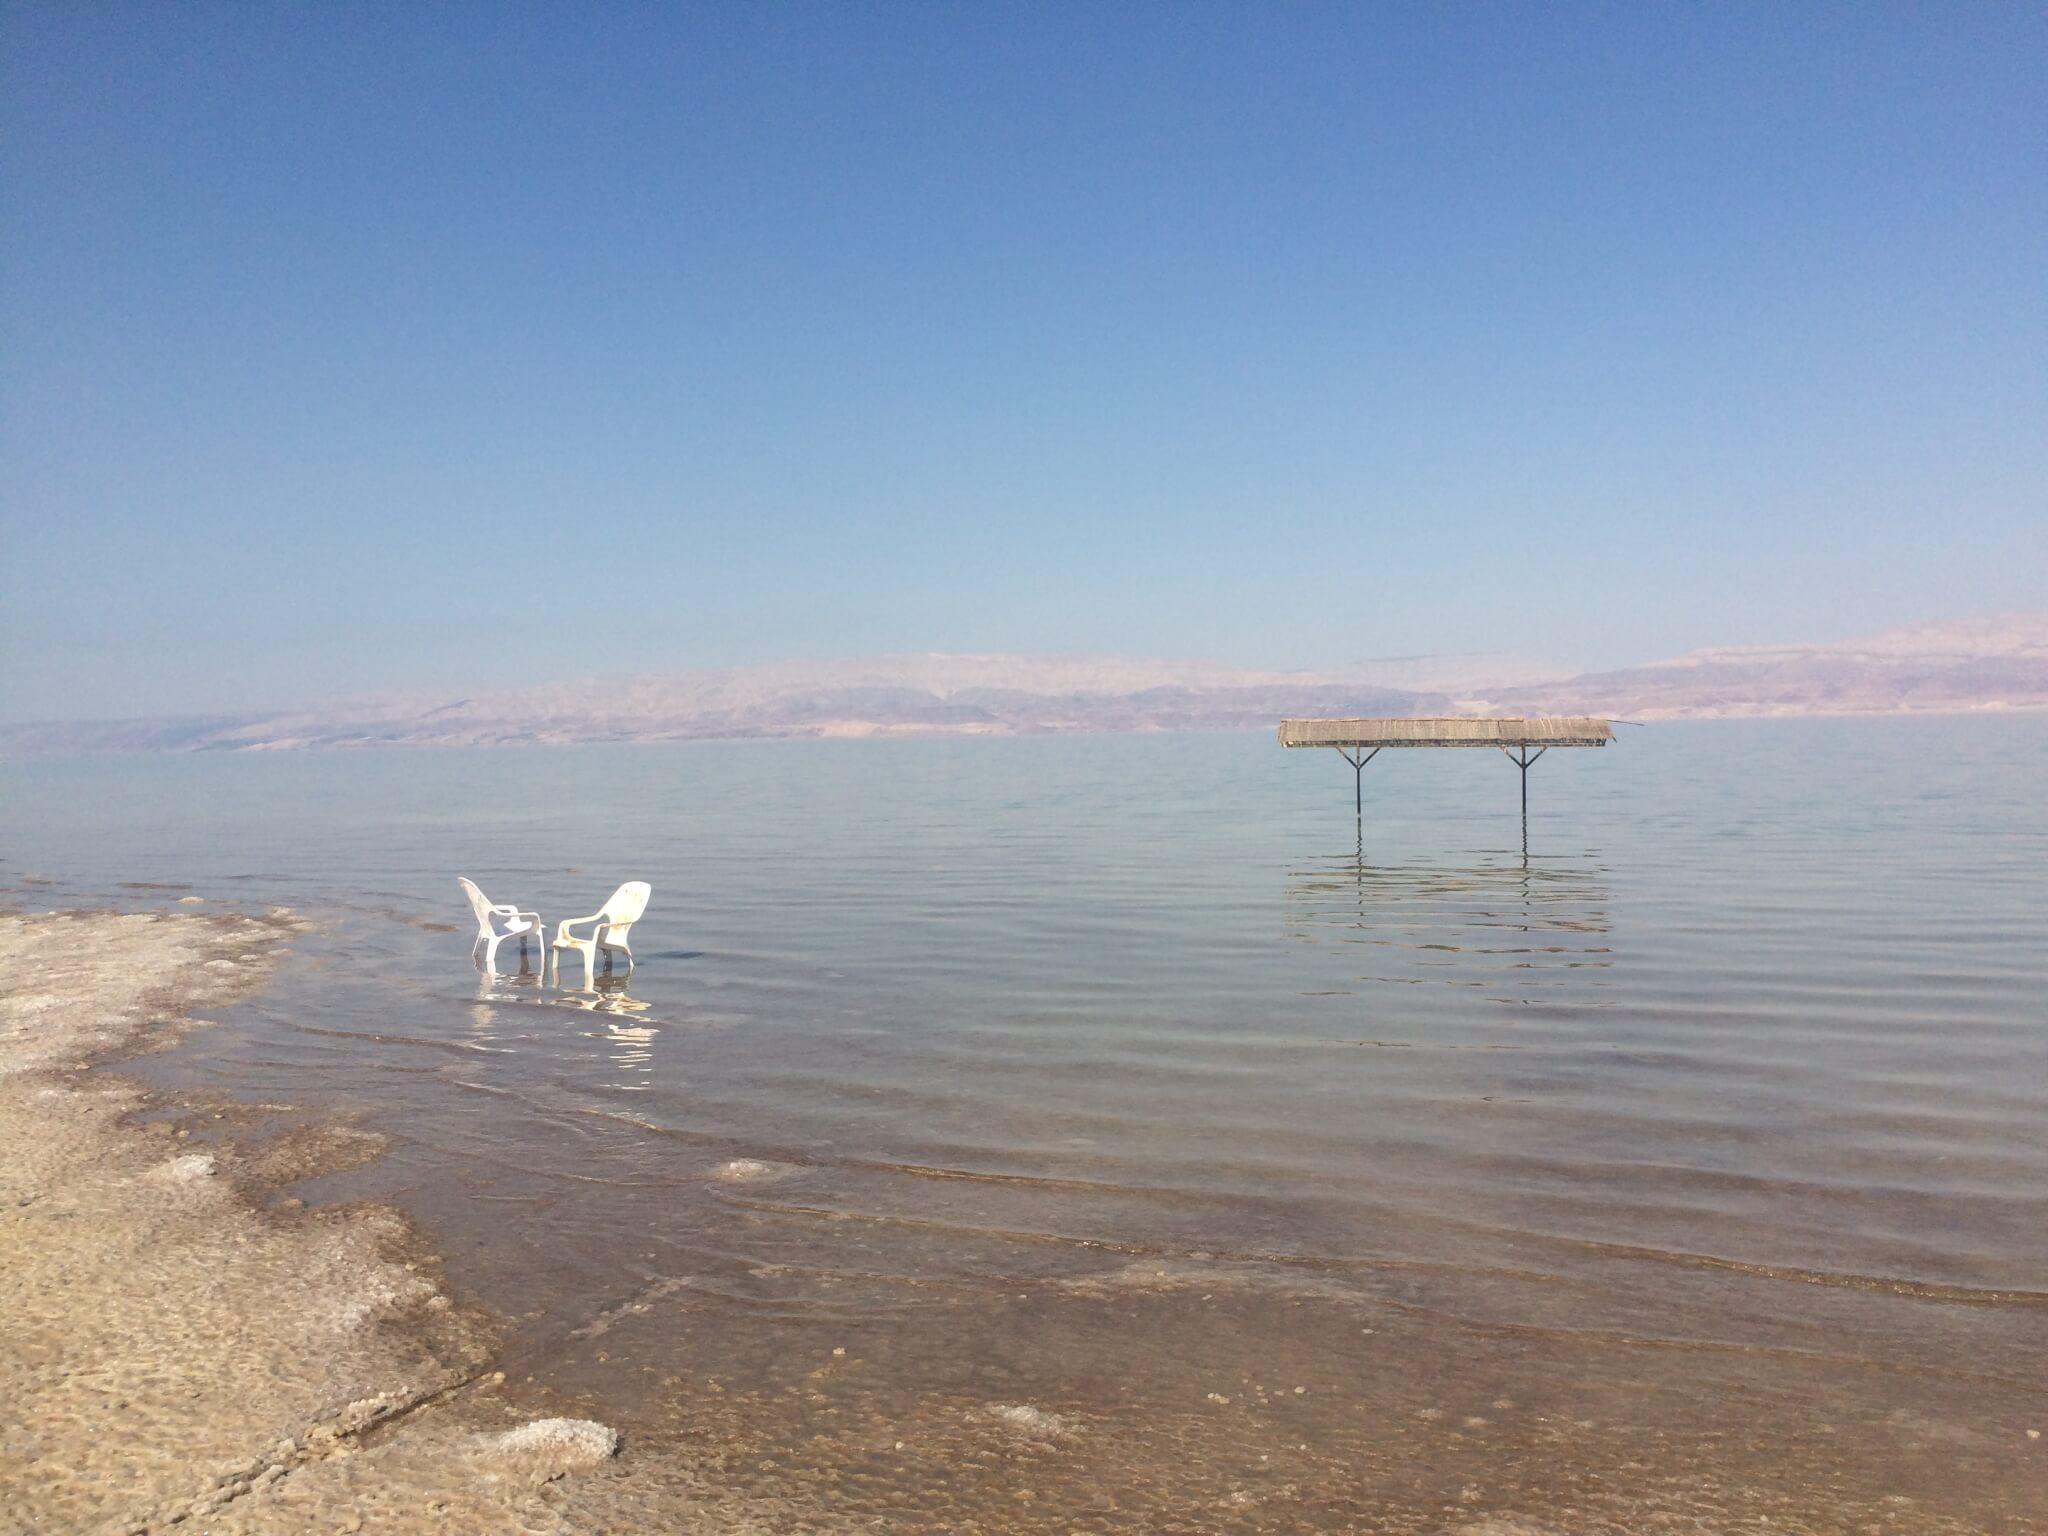 Dead Sea, Israel/Palestine